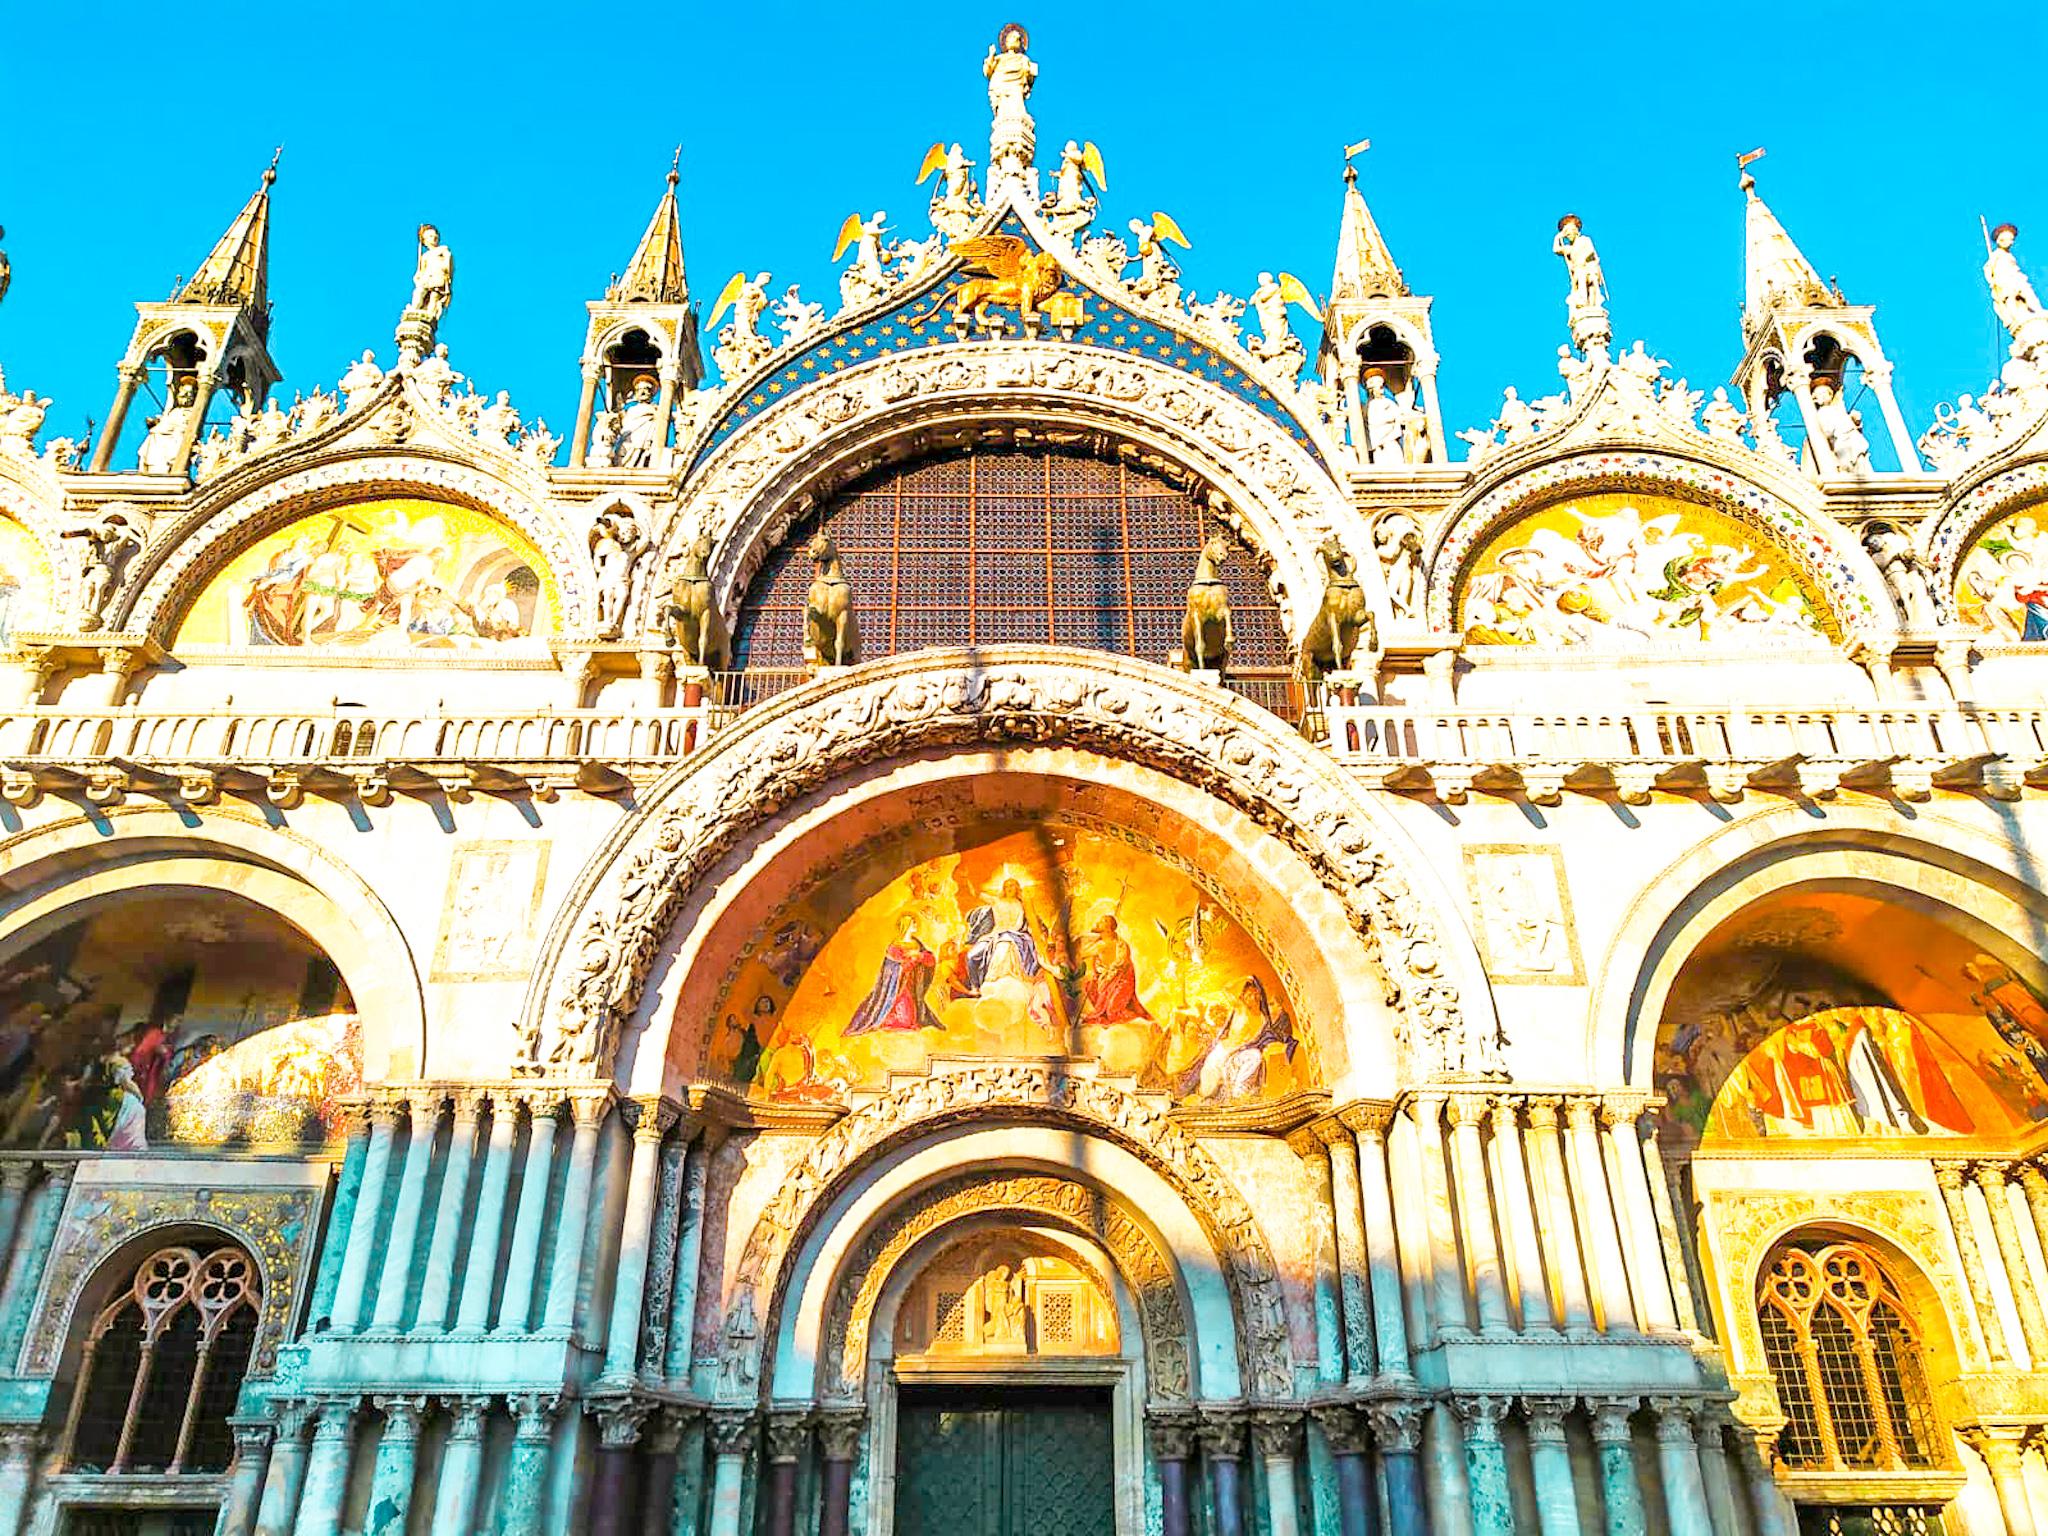 Cosas que ver y hacer en Venecia: fachada de la basílica de San Marcos